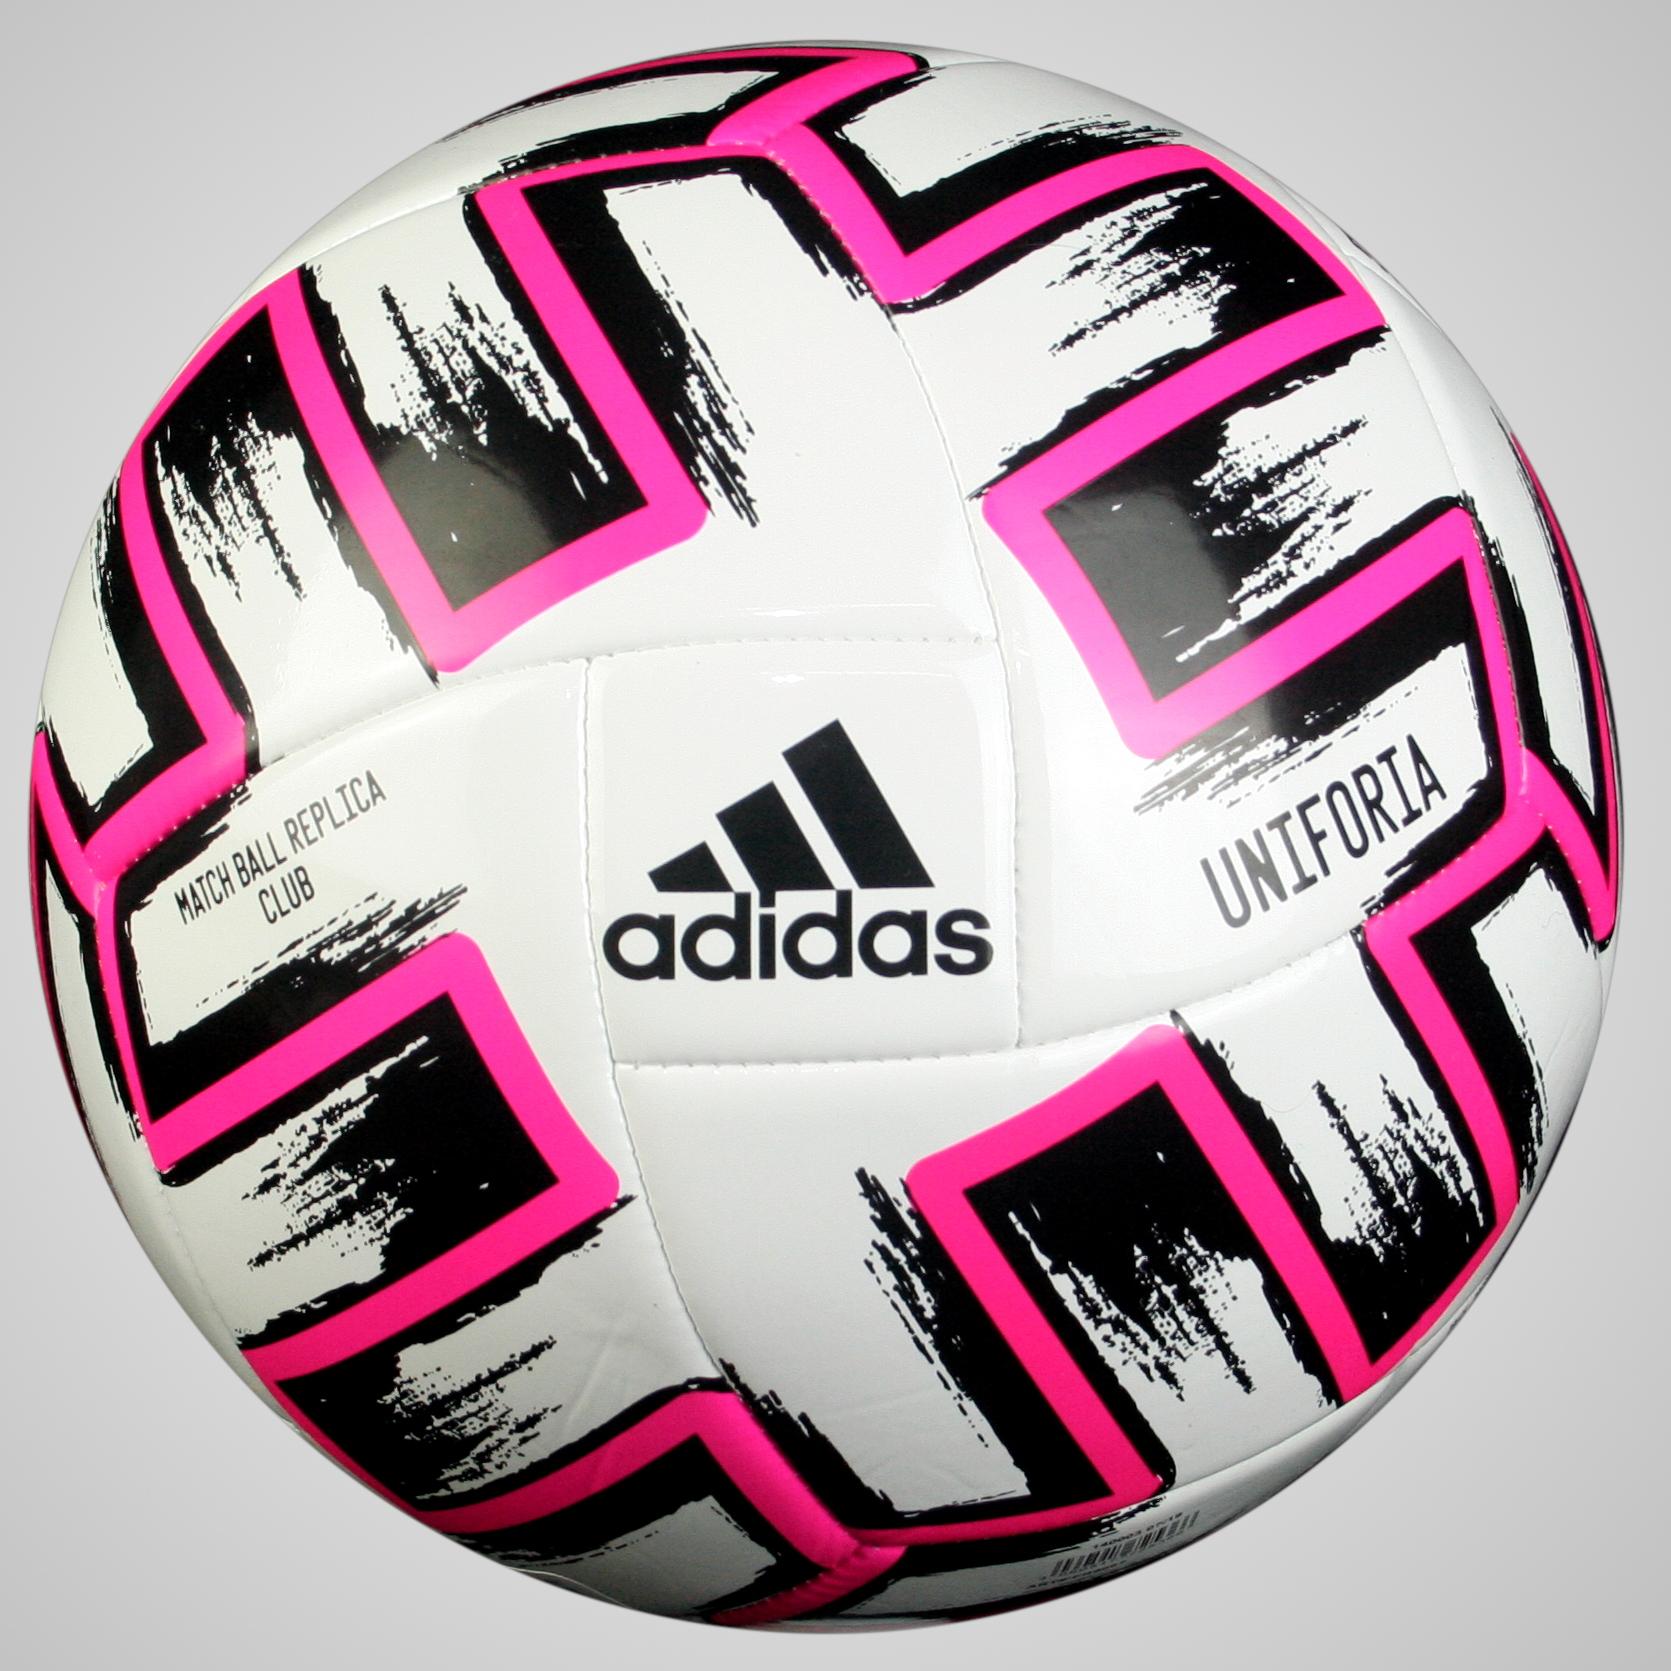 Adidas Telstar 2020 Club